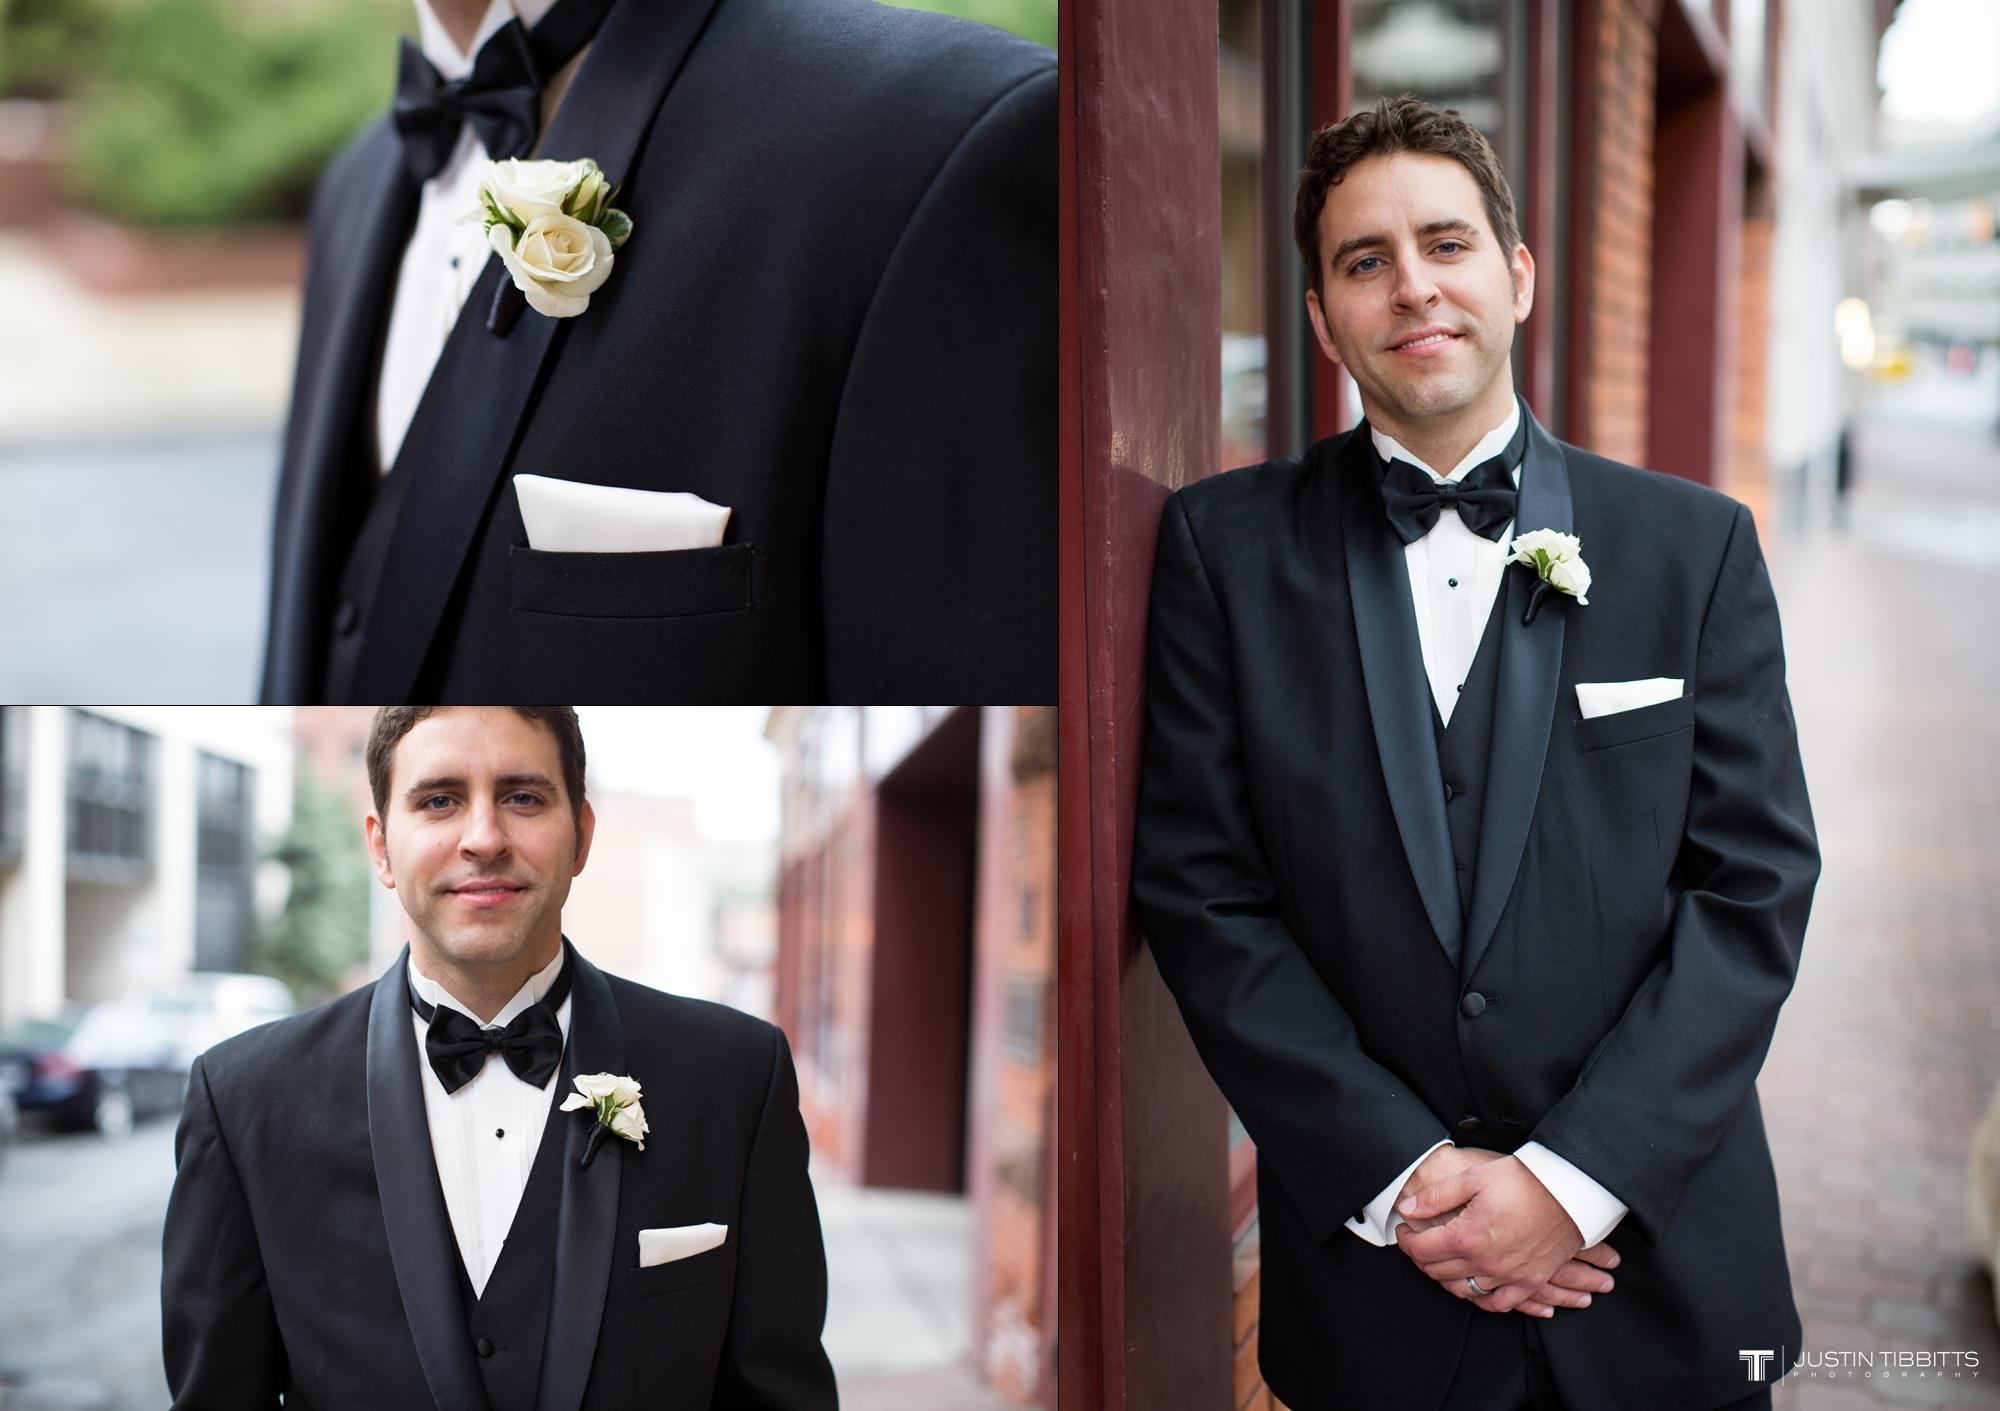 Albany NY Wedding Photographer Justin Tibbitts Photography 2014 Best of Albany NY Weddings-83445